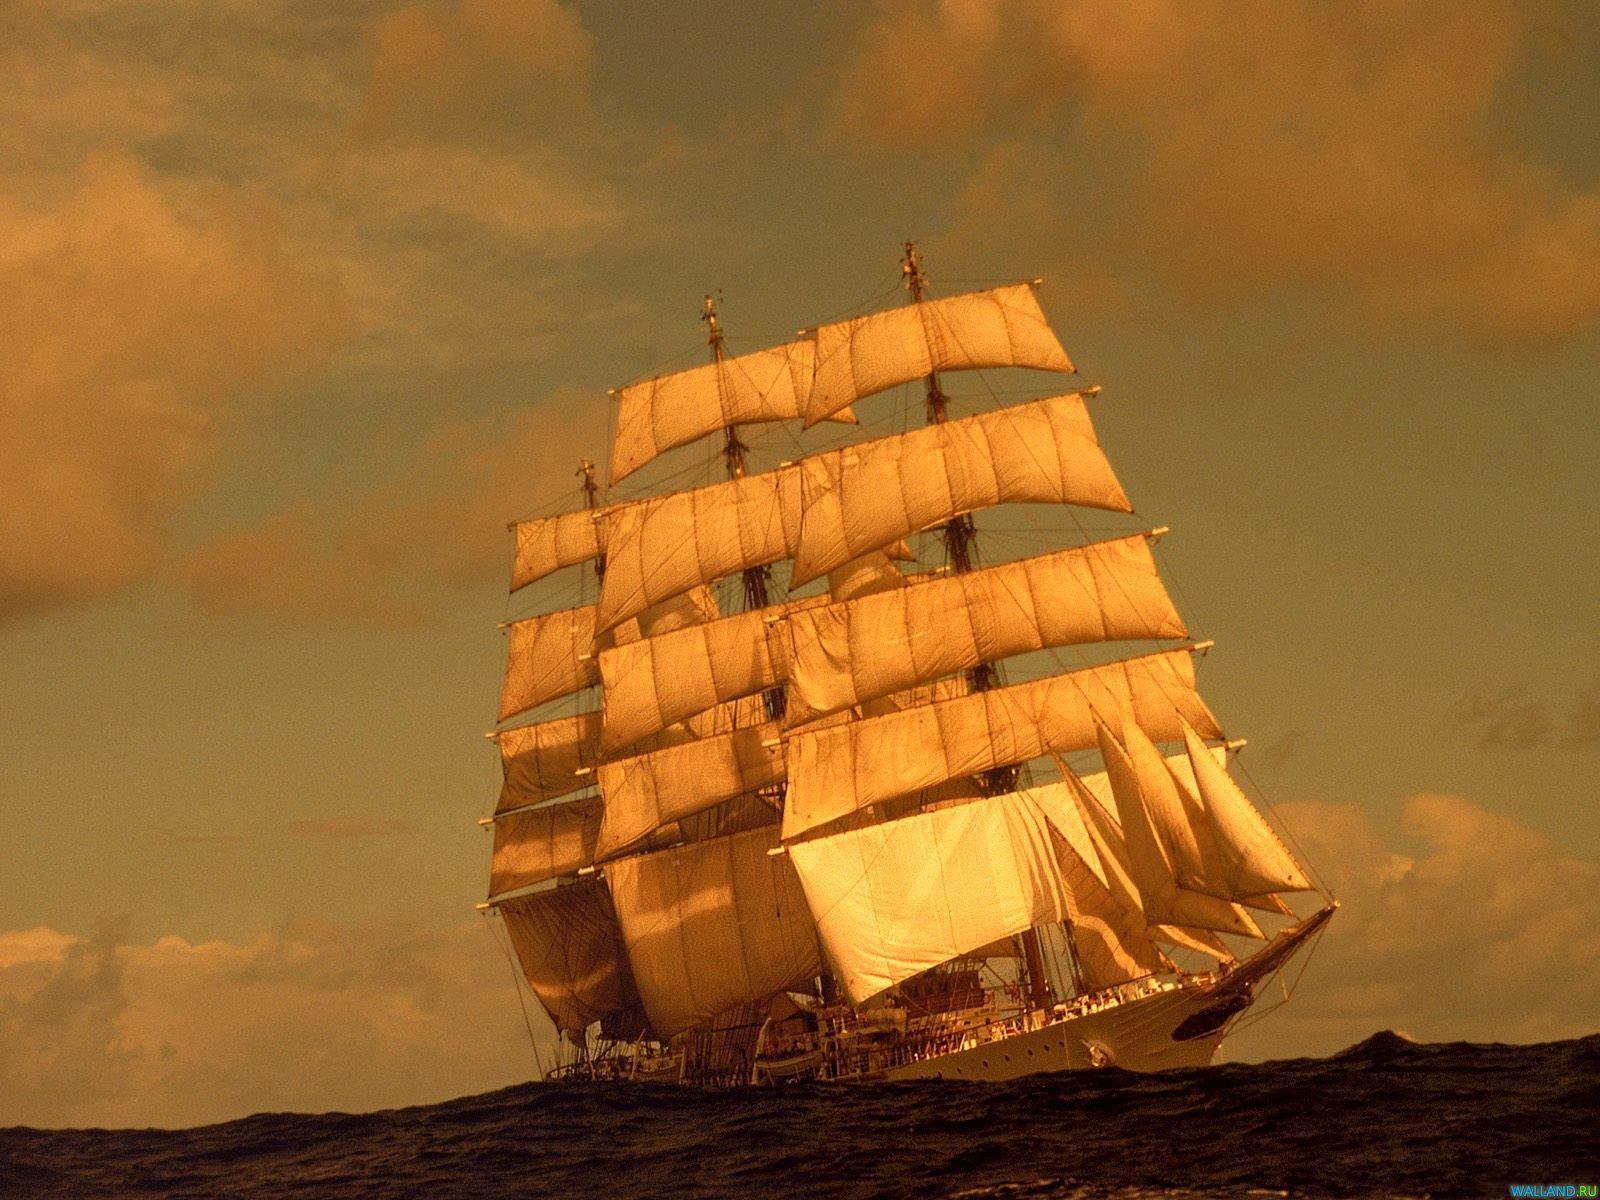 парусный корабль, бриг, море, закат, фото кораблей, обои для рабочего стола